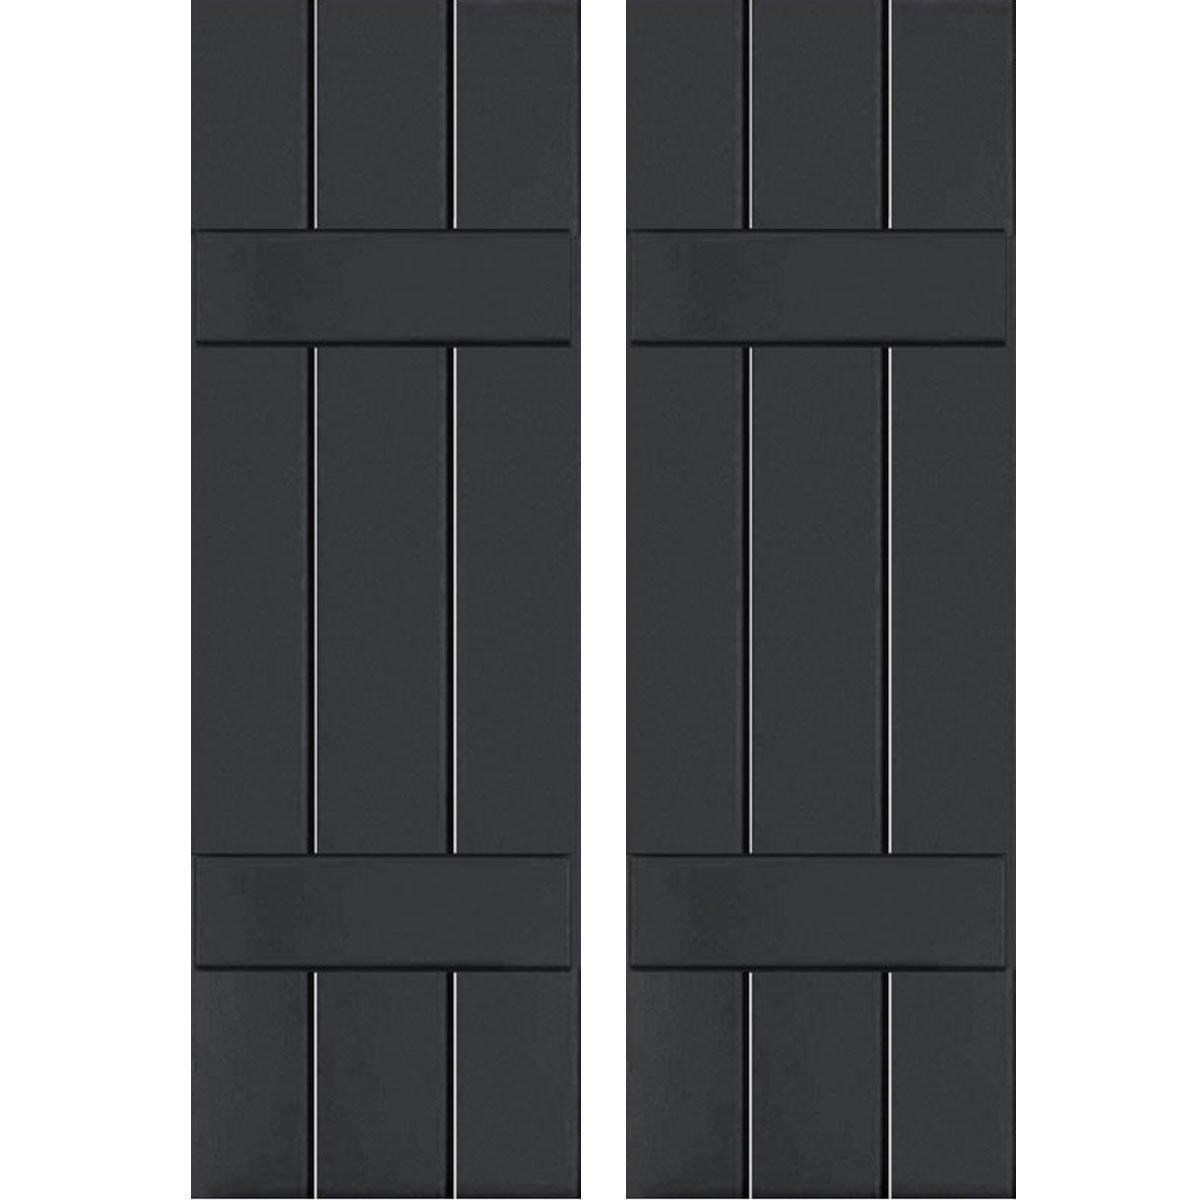 Ekena Millwork CWB12X027BLC Exterior Three Board